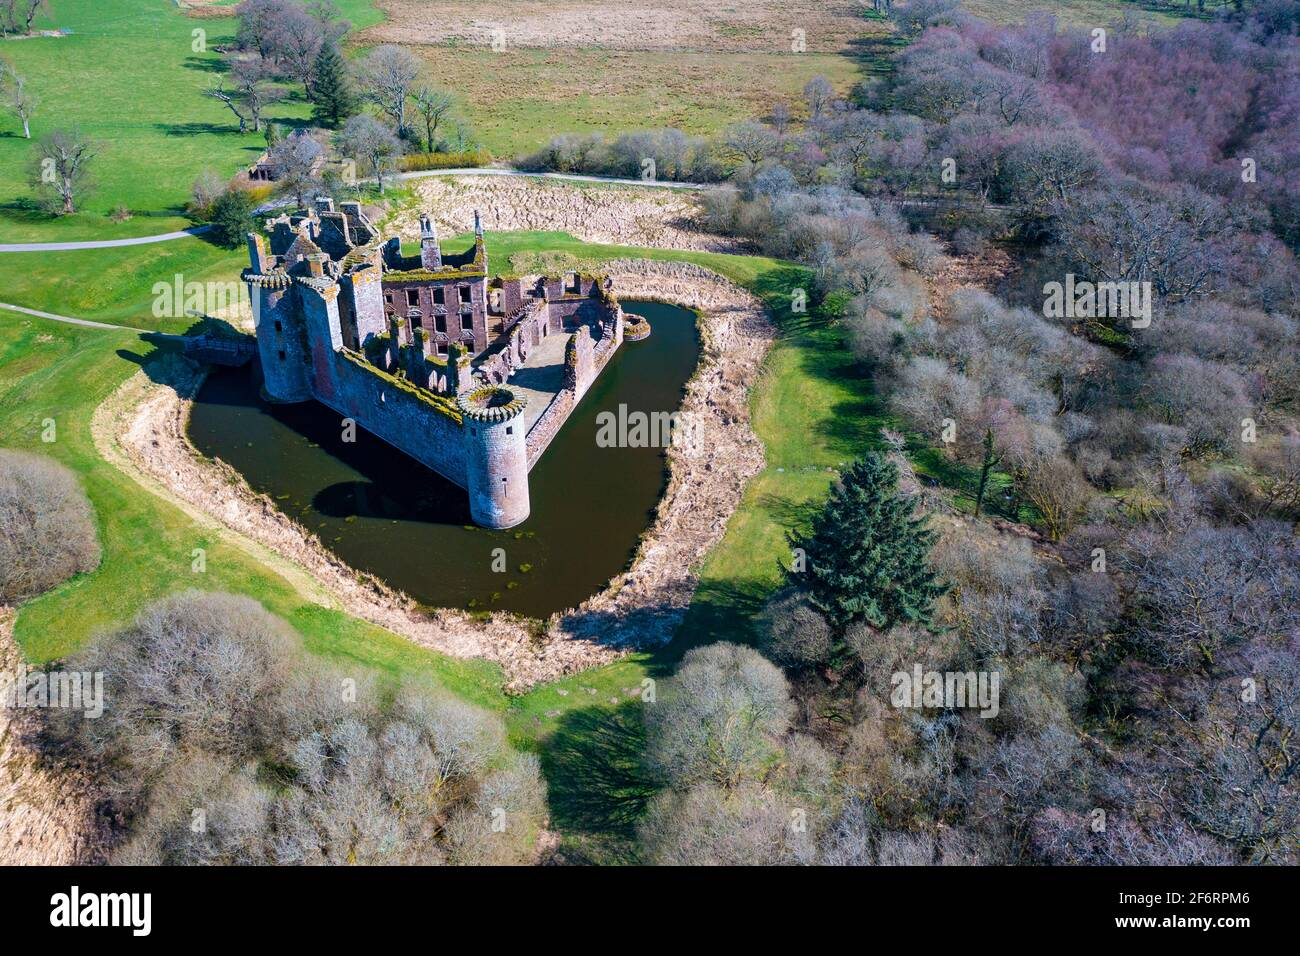 Vista aérea del Castillo de Caerlaverock en Dumfries y Galloway, Escocia, Reino Unido Foto de stock